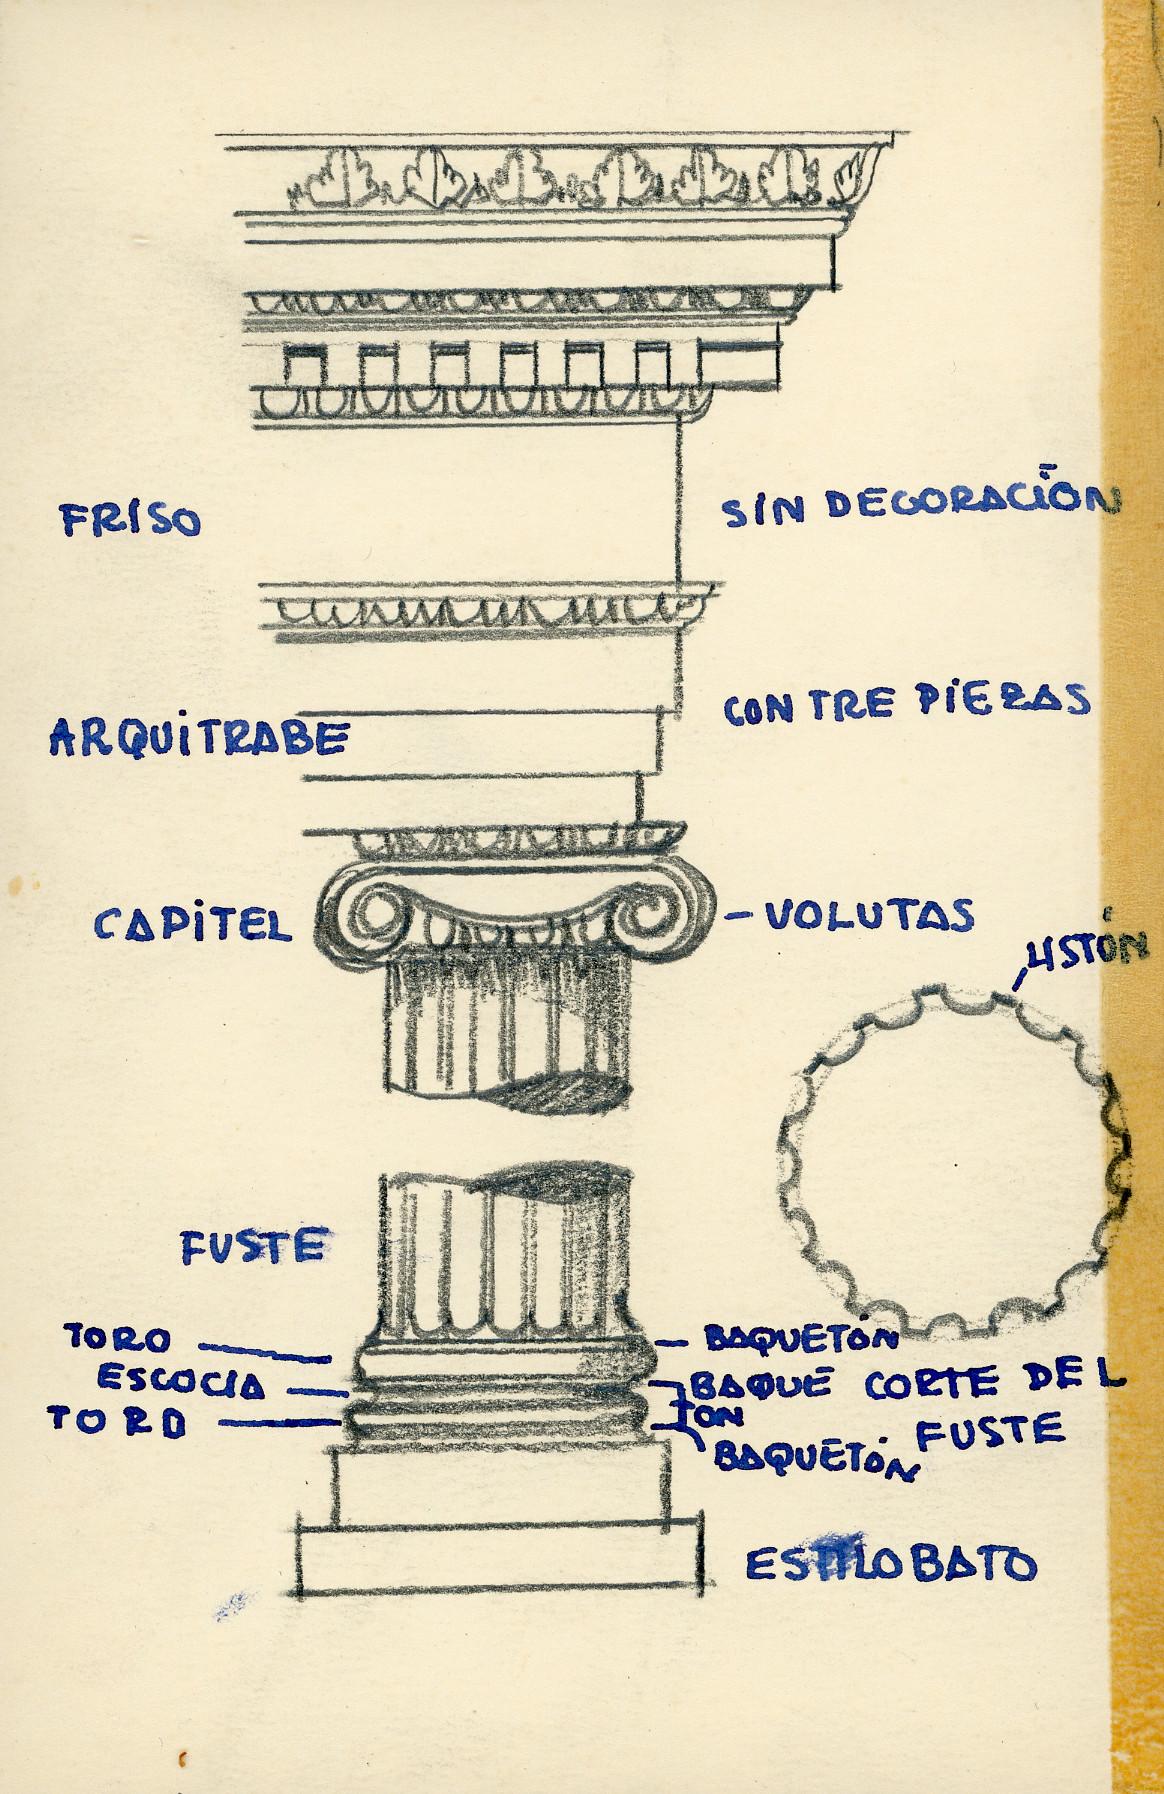 Donación de materiales al archivo pedagógico María Goyri y Jimena Menéndez-Pidal